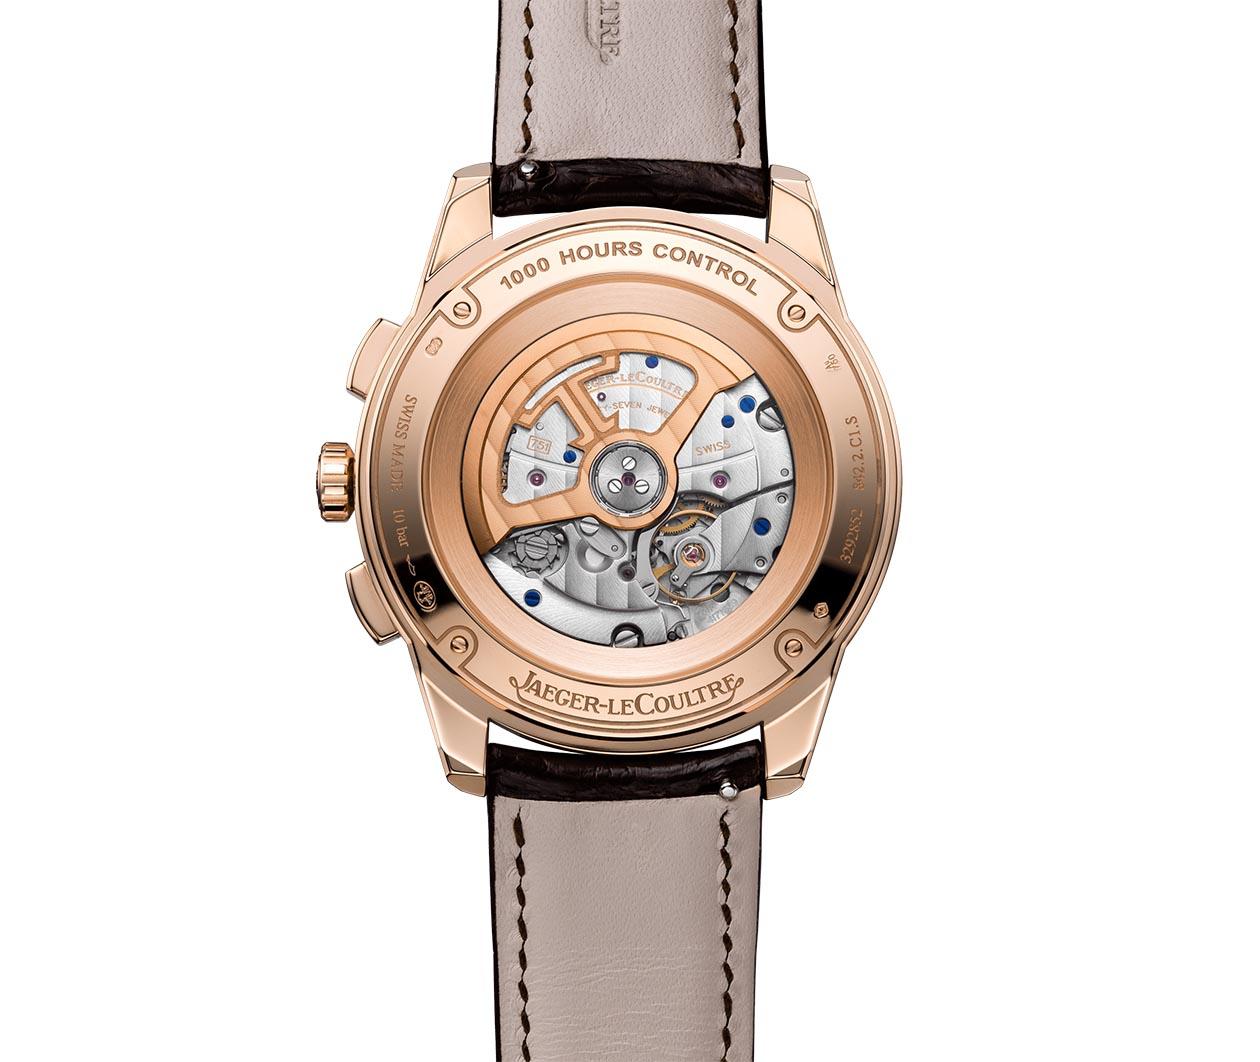 JaegerLeCoultre Polaris Chronograph 9022450 Carousel 3 FINAL